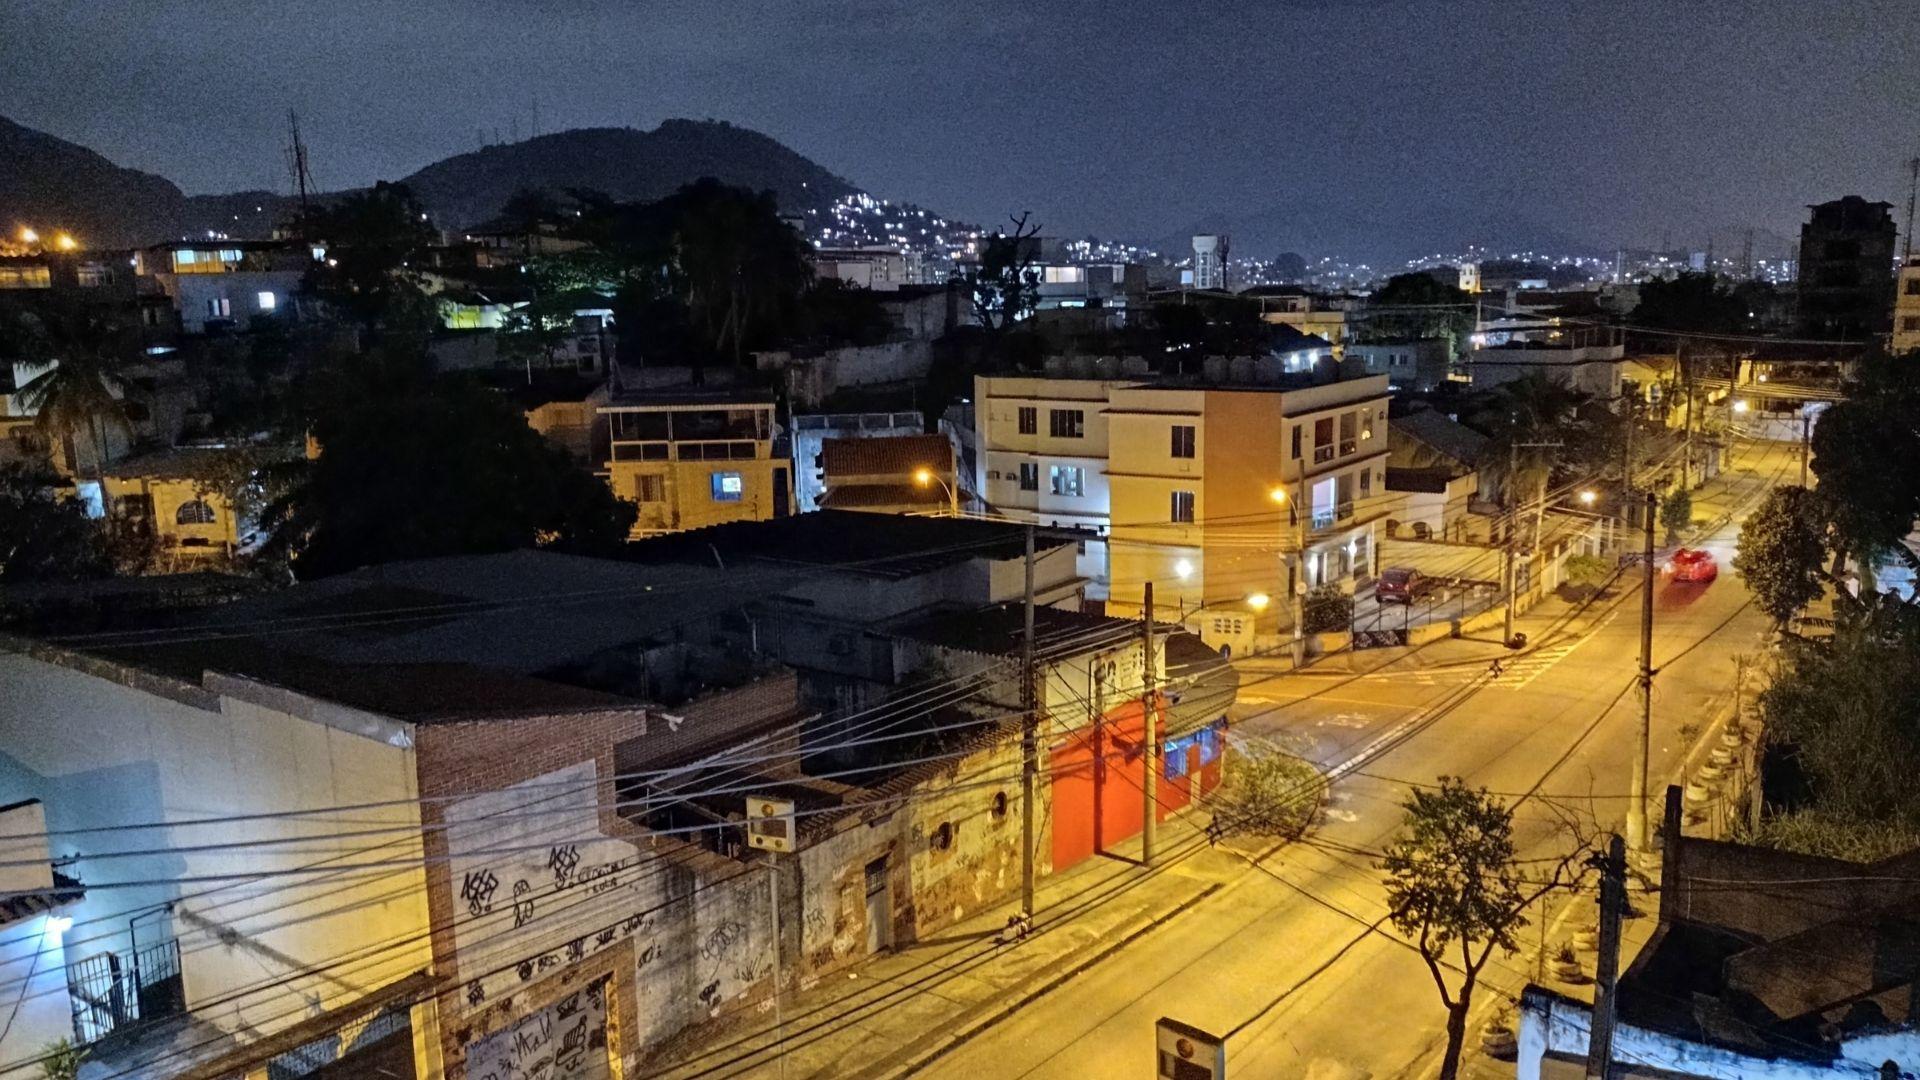 Foto tirada com o modo noturno do Redmi Note 9 (Foto: Zoom)